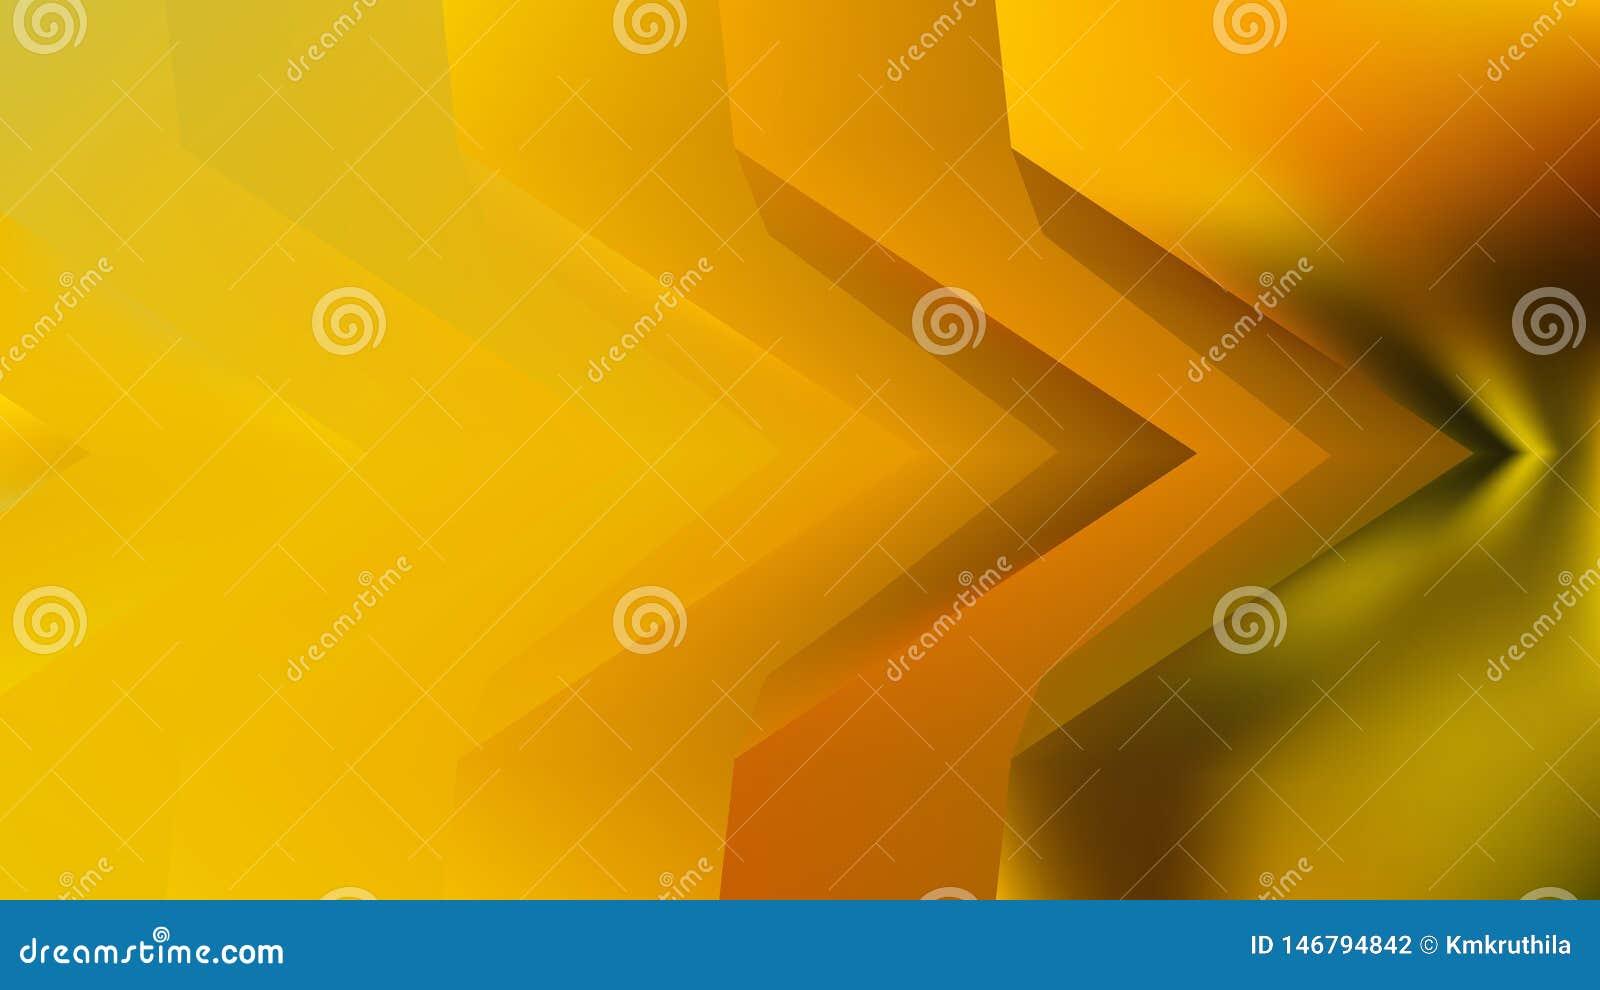 橙黄绿色背景美好的典雅的例证形象艺术设计背景